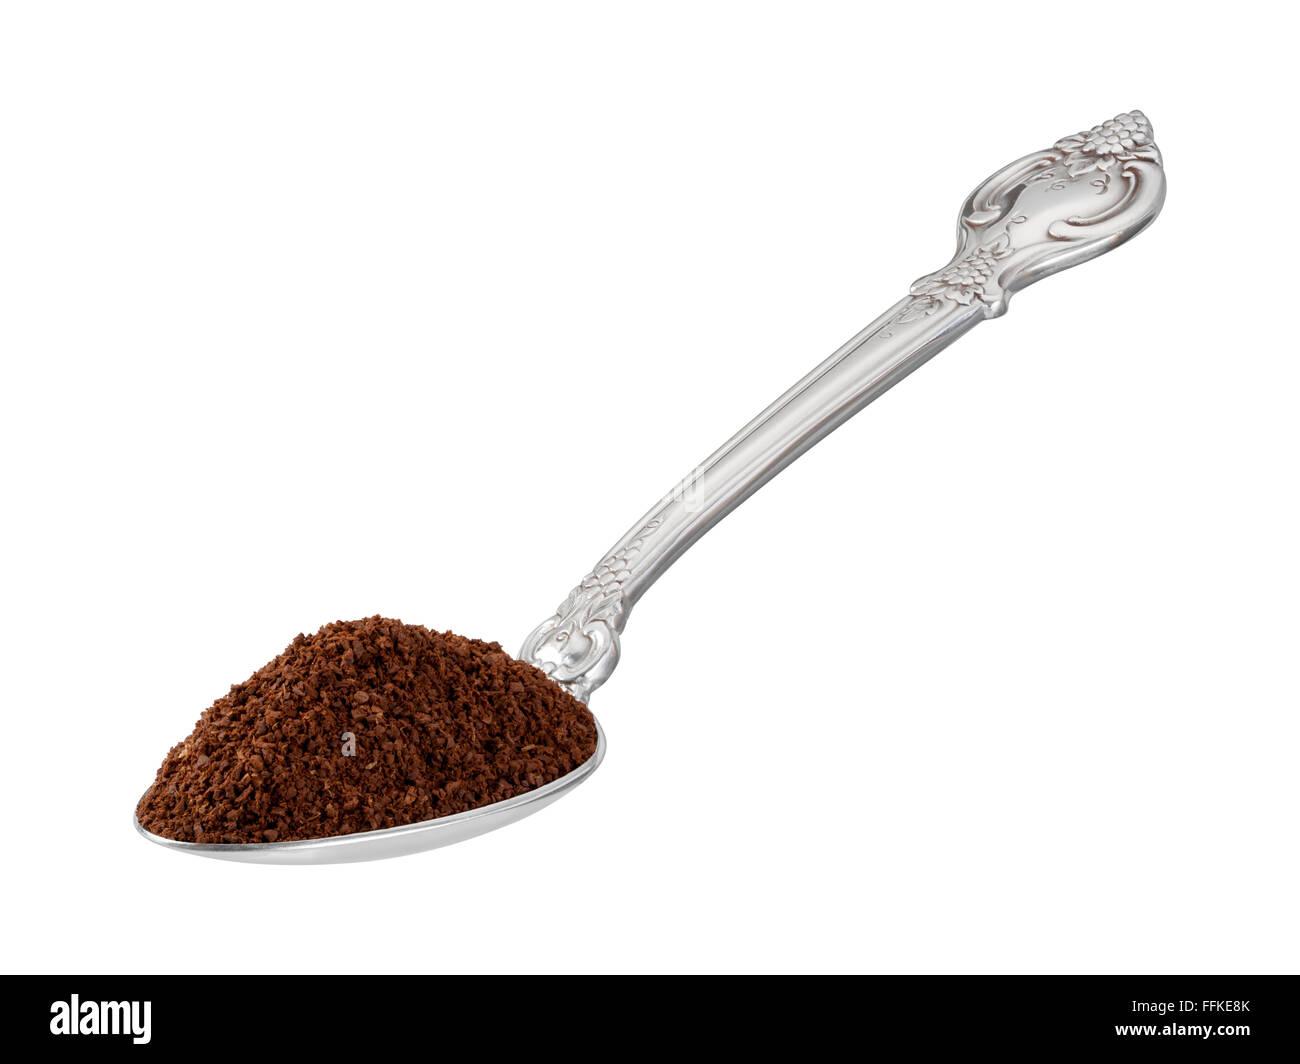 Scoop du café moulu dans une cuillère. L'image est un coupé, isolé sur un fond blanc. Photo Stock